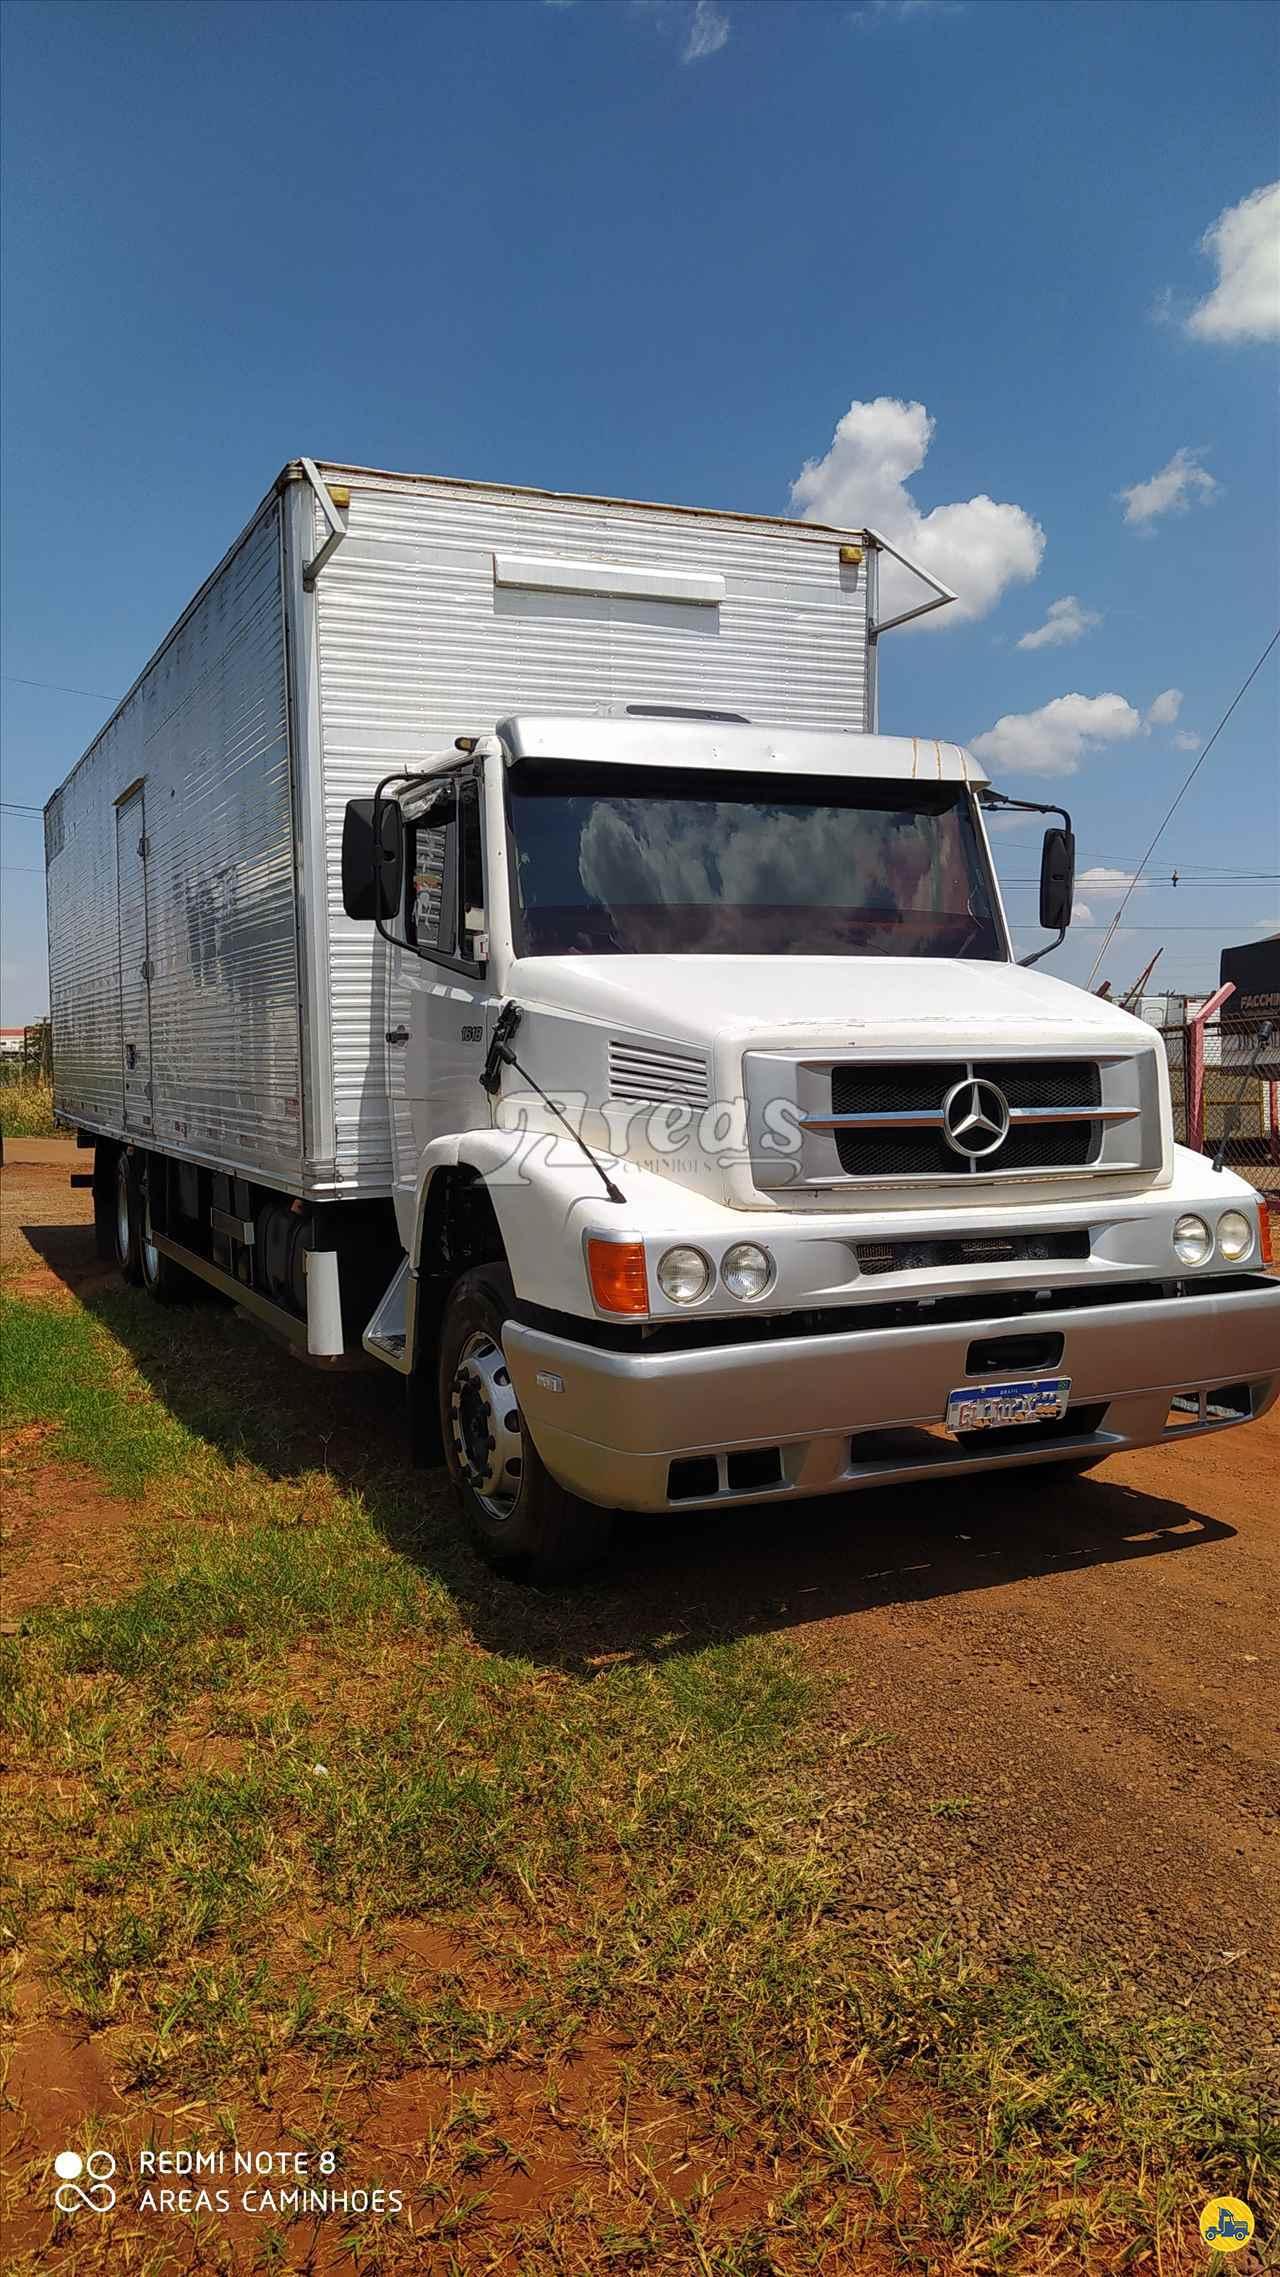 CAMINHAO MERCEDES-BENZ MB 1618 Baú Furgão Truck 6x2 Arêas Caminhões MARINGA PARANÁ PR